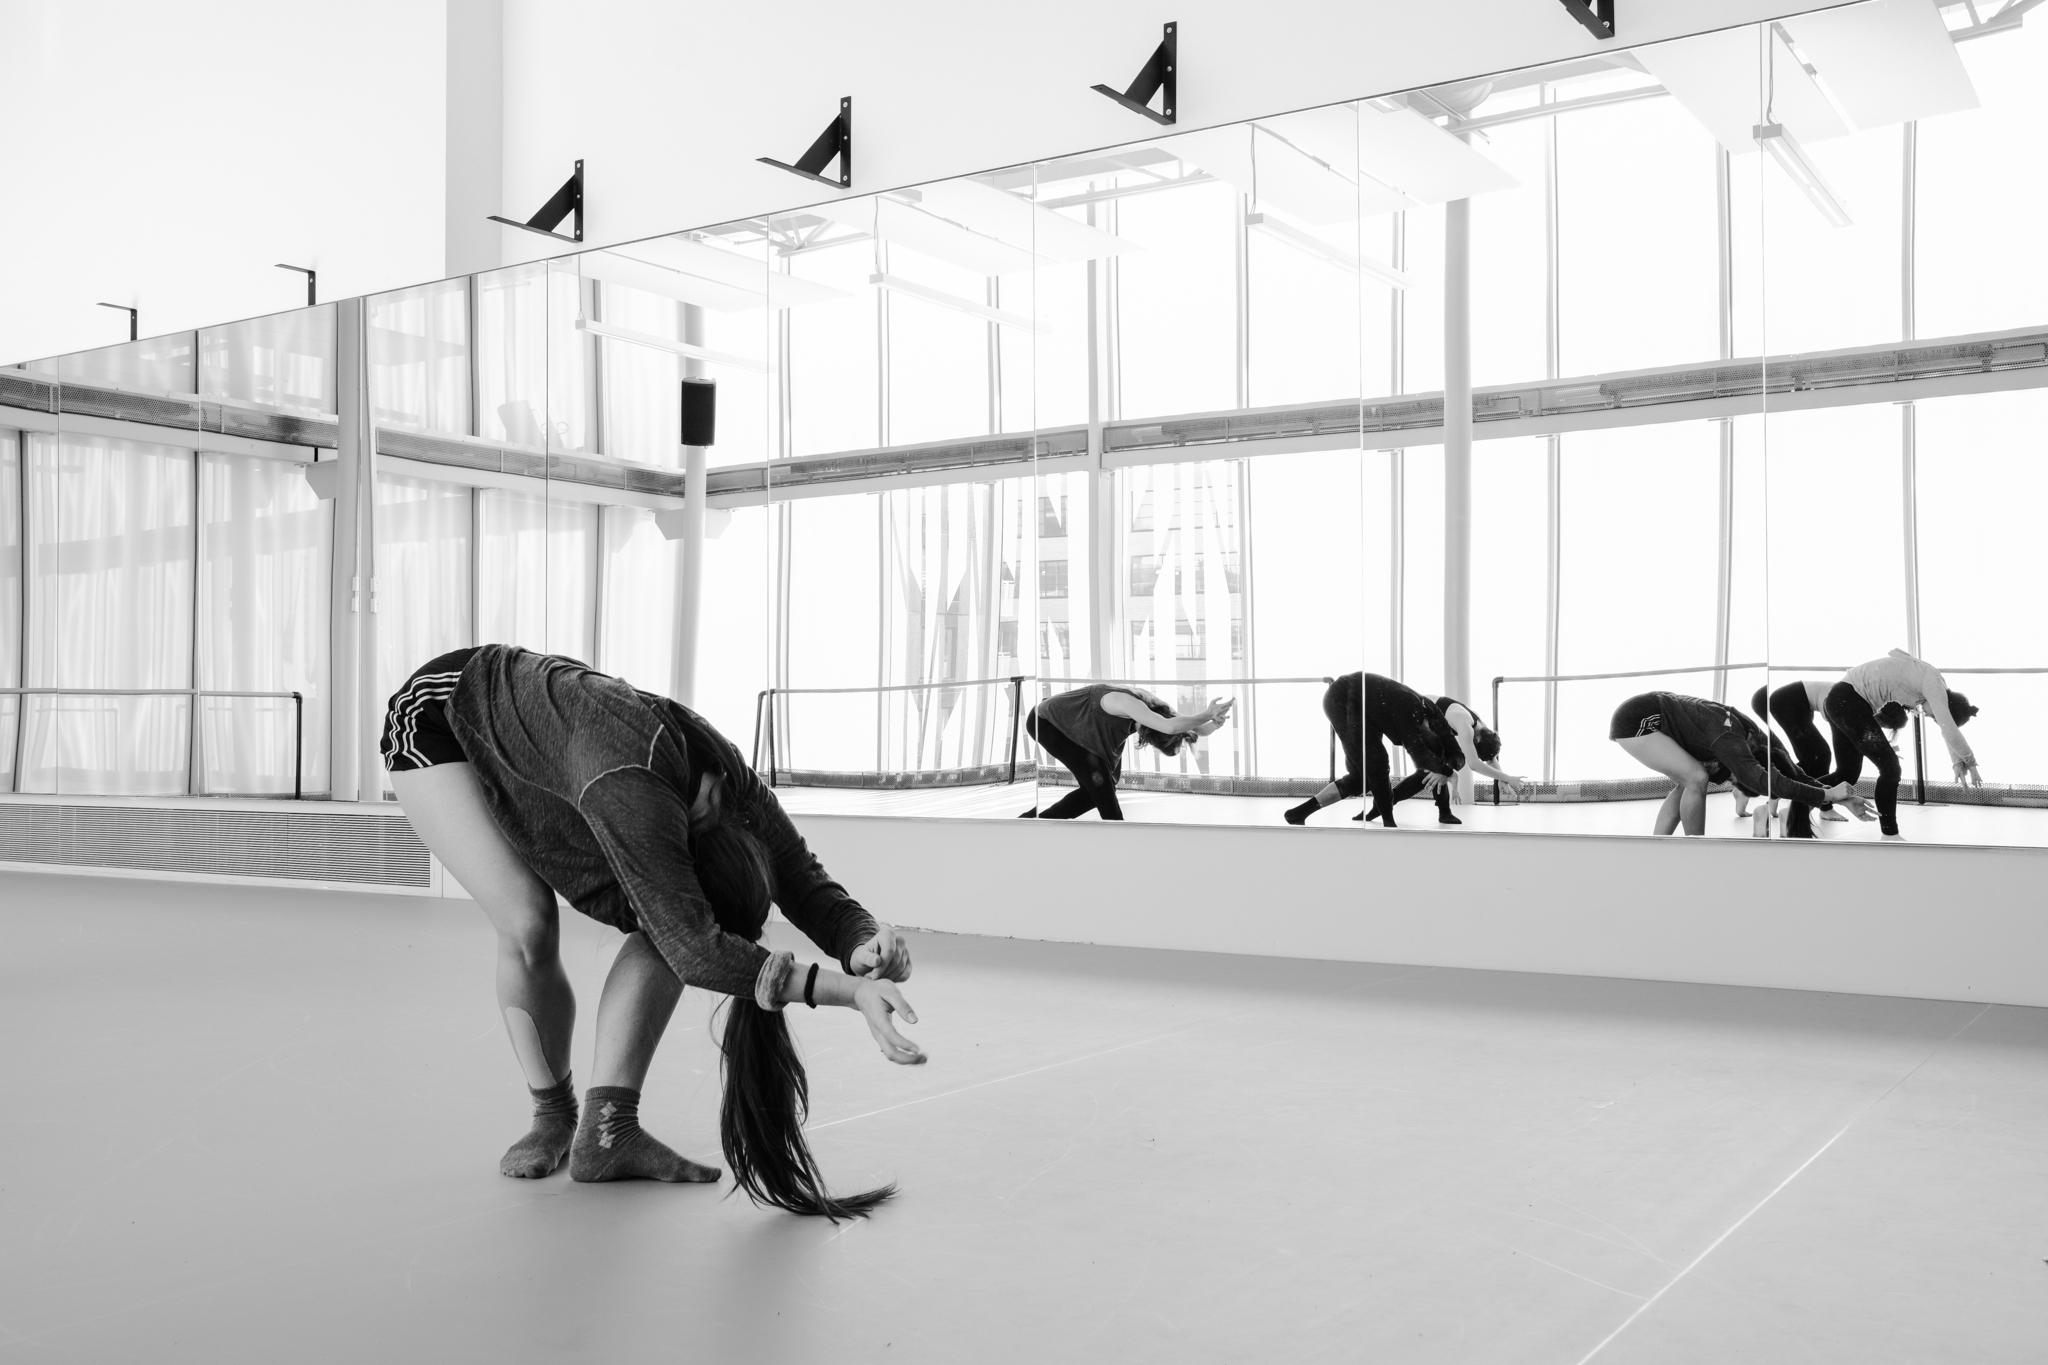 École de Danse Contemporaine de Montréal à Montréal: STUDIO Photo: Adéral Piot Dancers: Jasmine Bouchard, Raphaëlle Renucci, Thibault Rajaofetra, Angélique Delorme